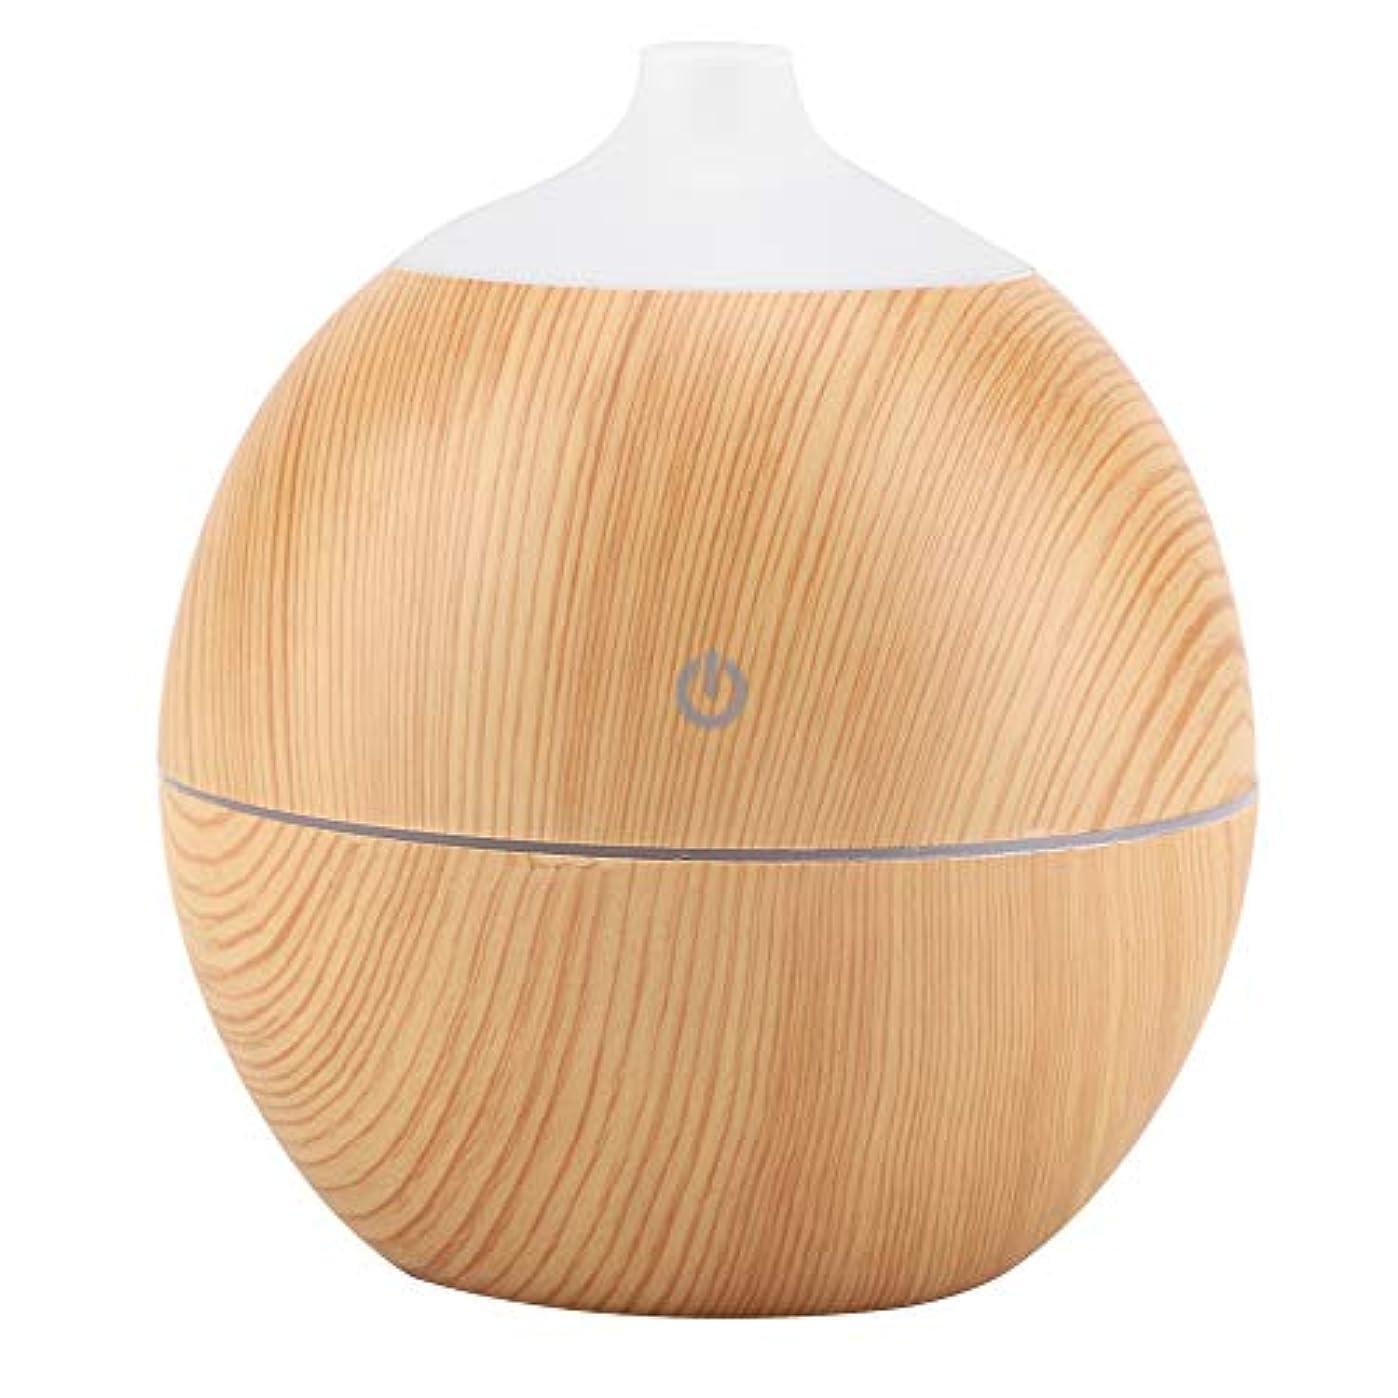 荷物忌み嫌う任意エッセンシャルオイルディフューザー、130 mlかなりアロマエッセンシャルオイル加湿器気化器クールミスト加湿器ライト付き芳香剤(ライトウッド)